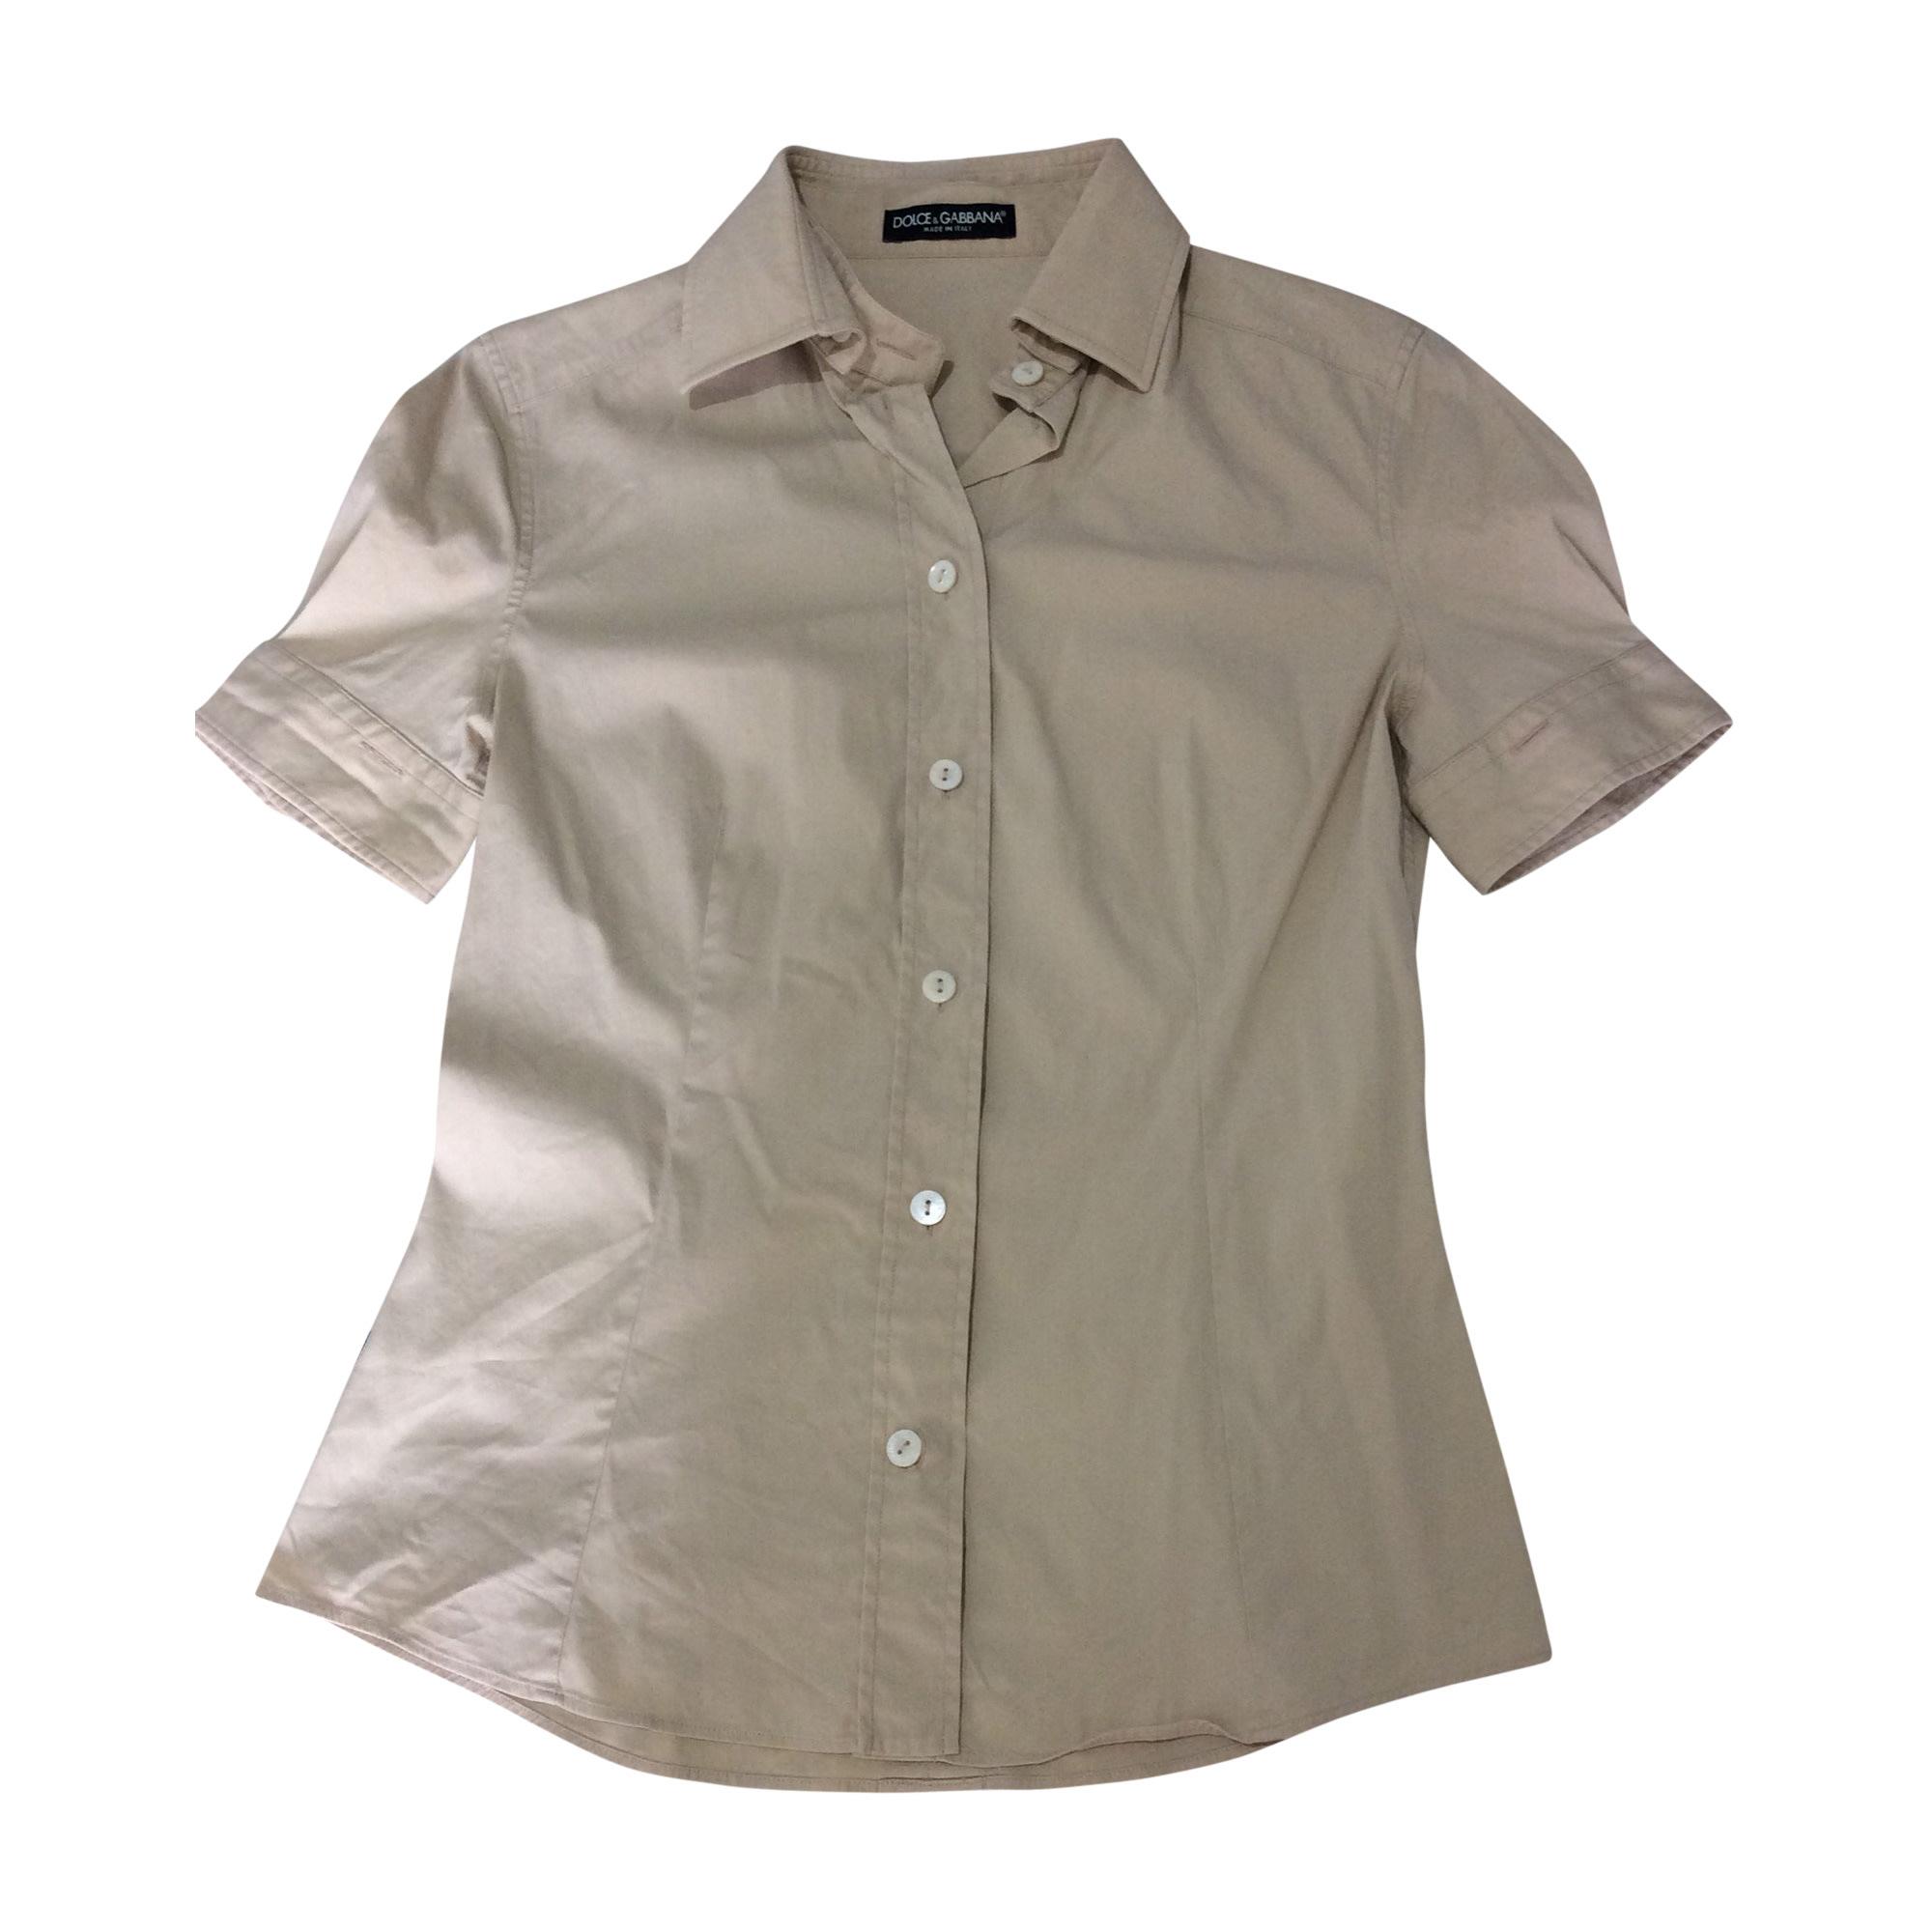 Shirt DOLCE & GABBANA Beige, camel